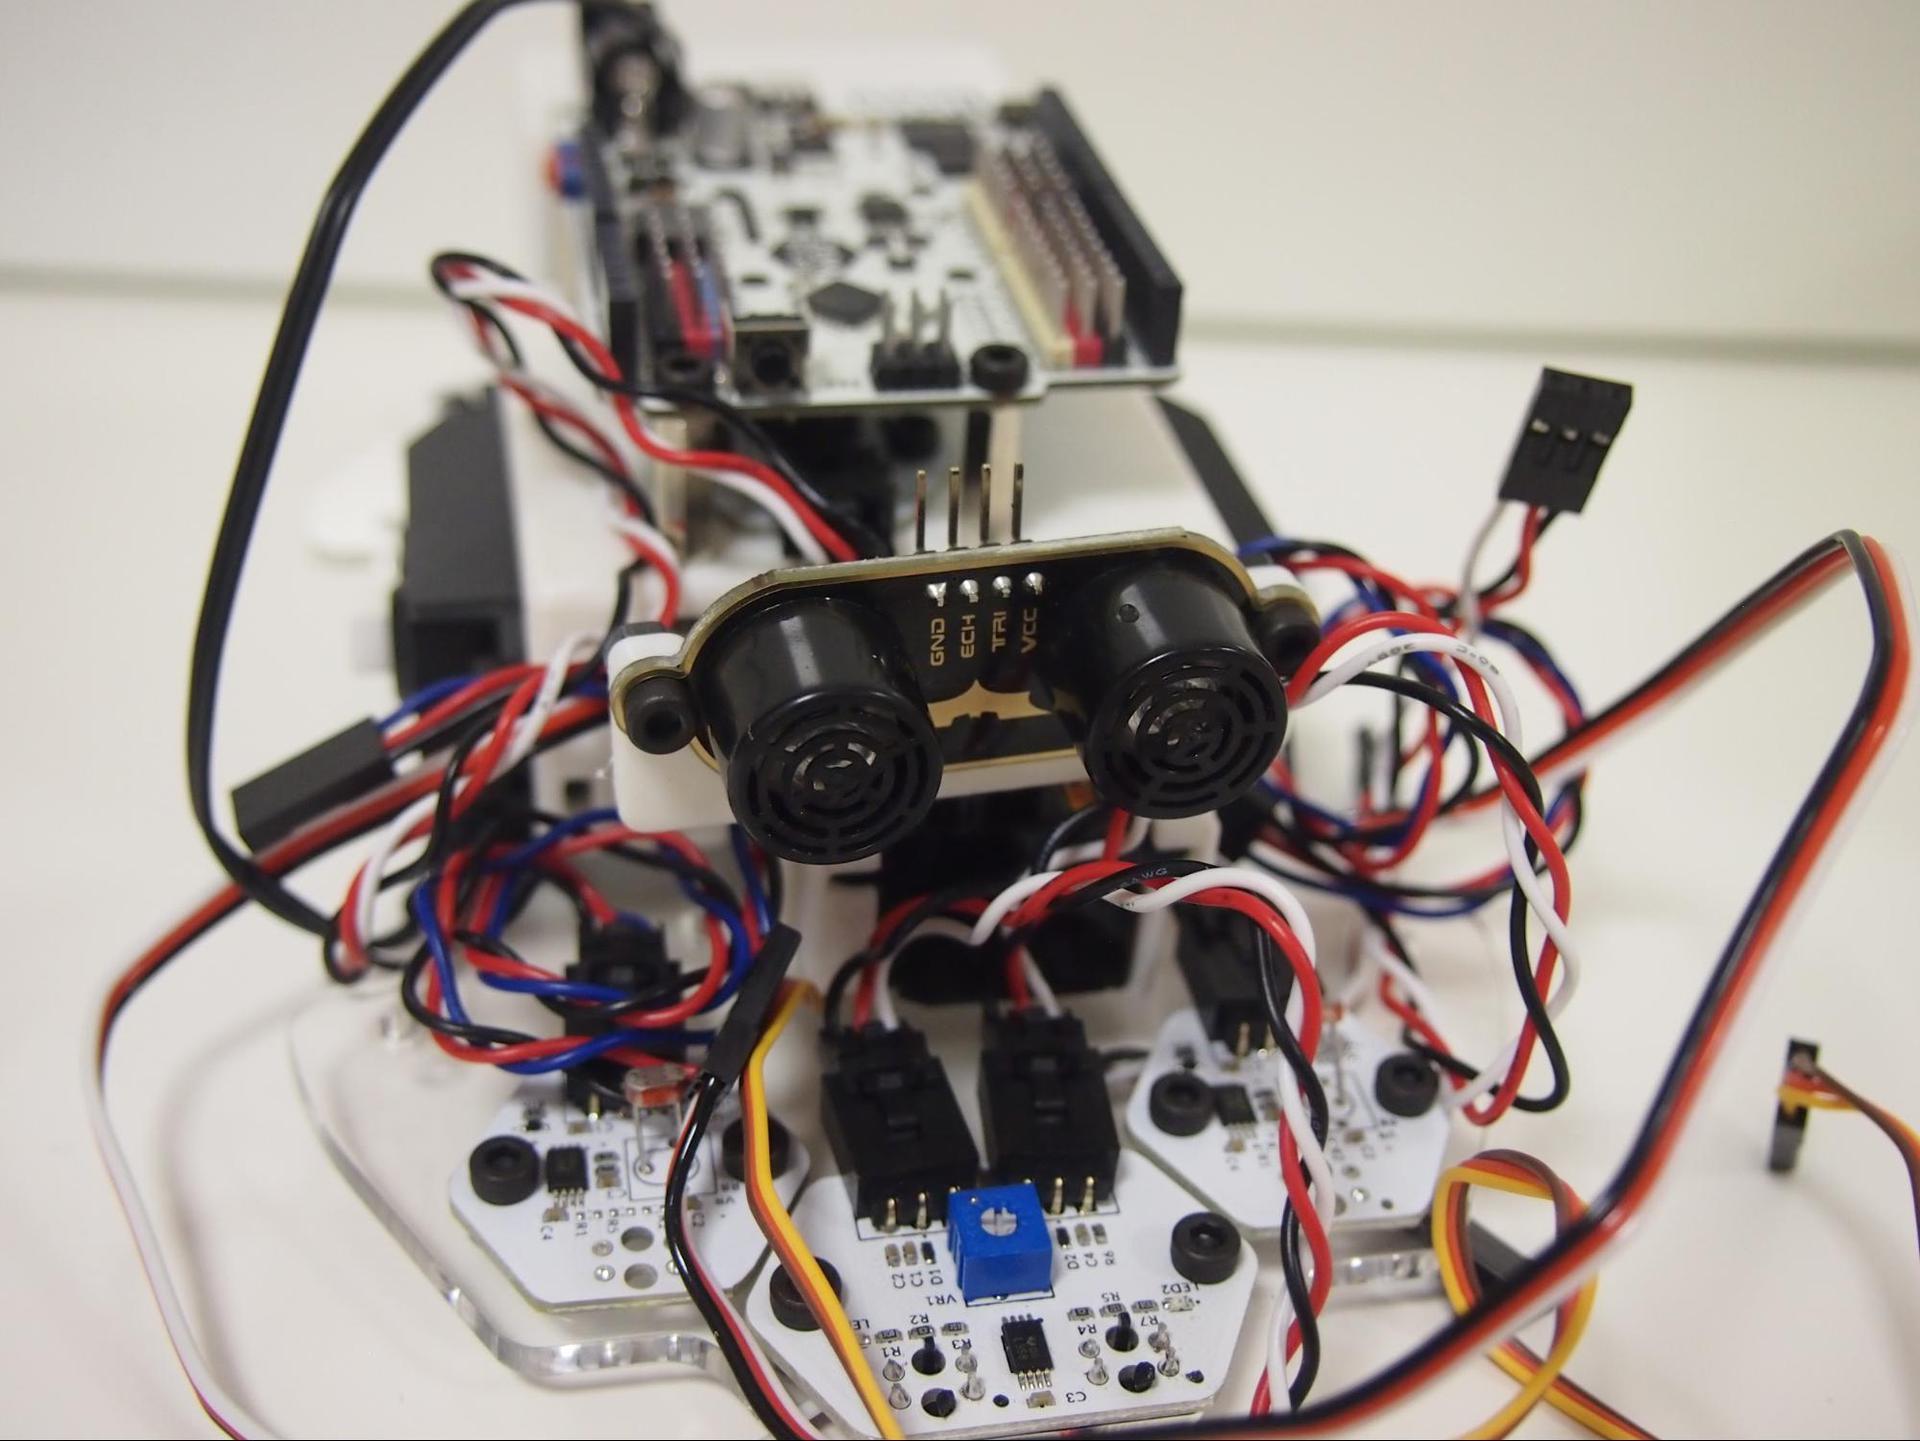 DIY Робот или эволюция в комплекте - 19